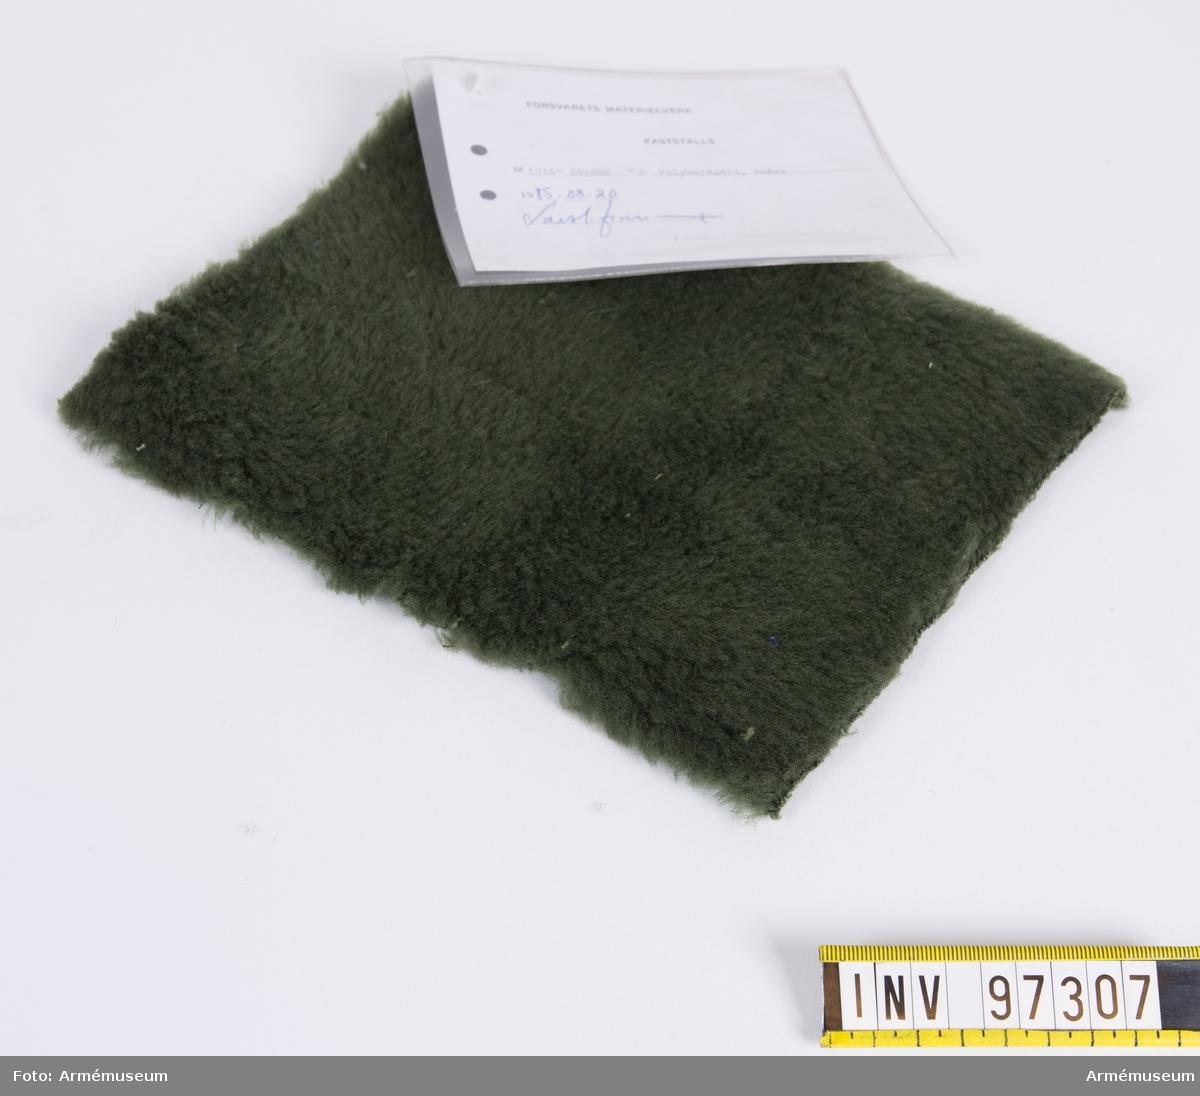 """Vidhängande modellapp med text: """"Försvarets materielverk. Fastställs. M 1016-682000-6. Polyamidpäls, Foder 1985-08-20 (oläslig sign)"""""""